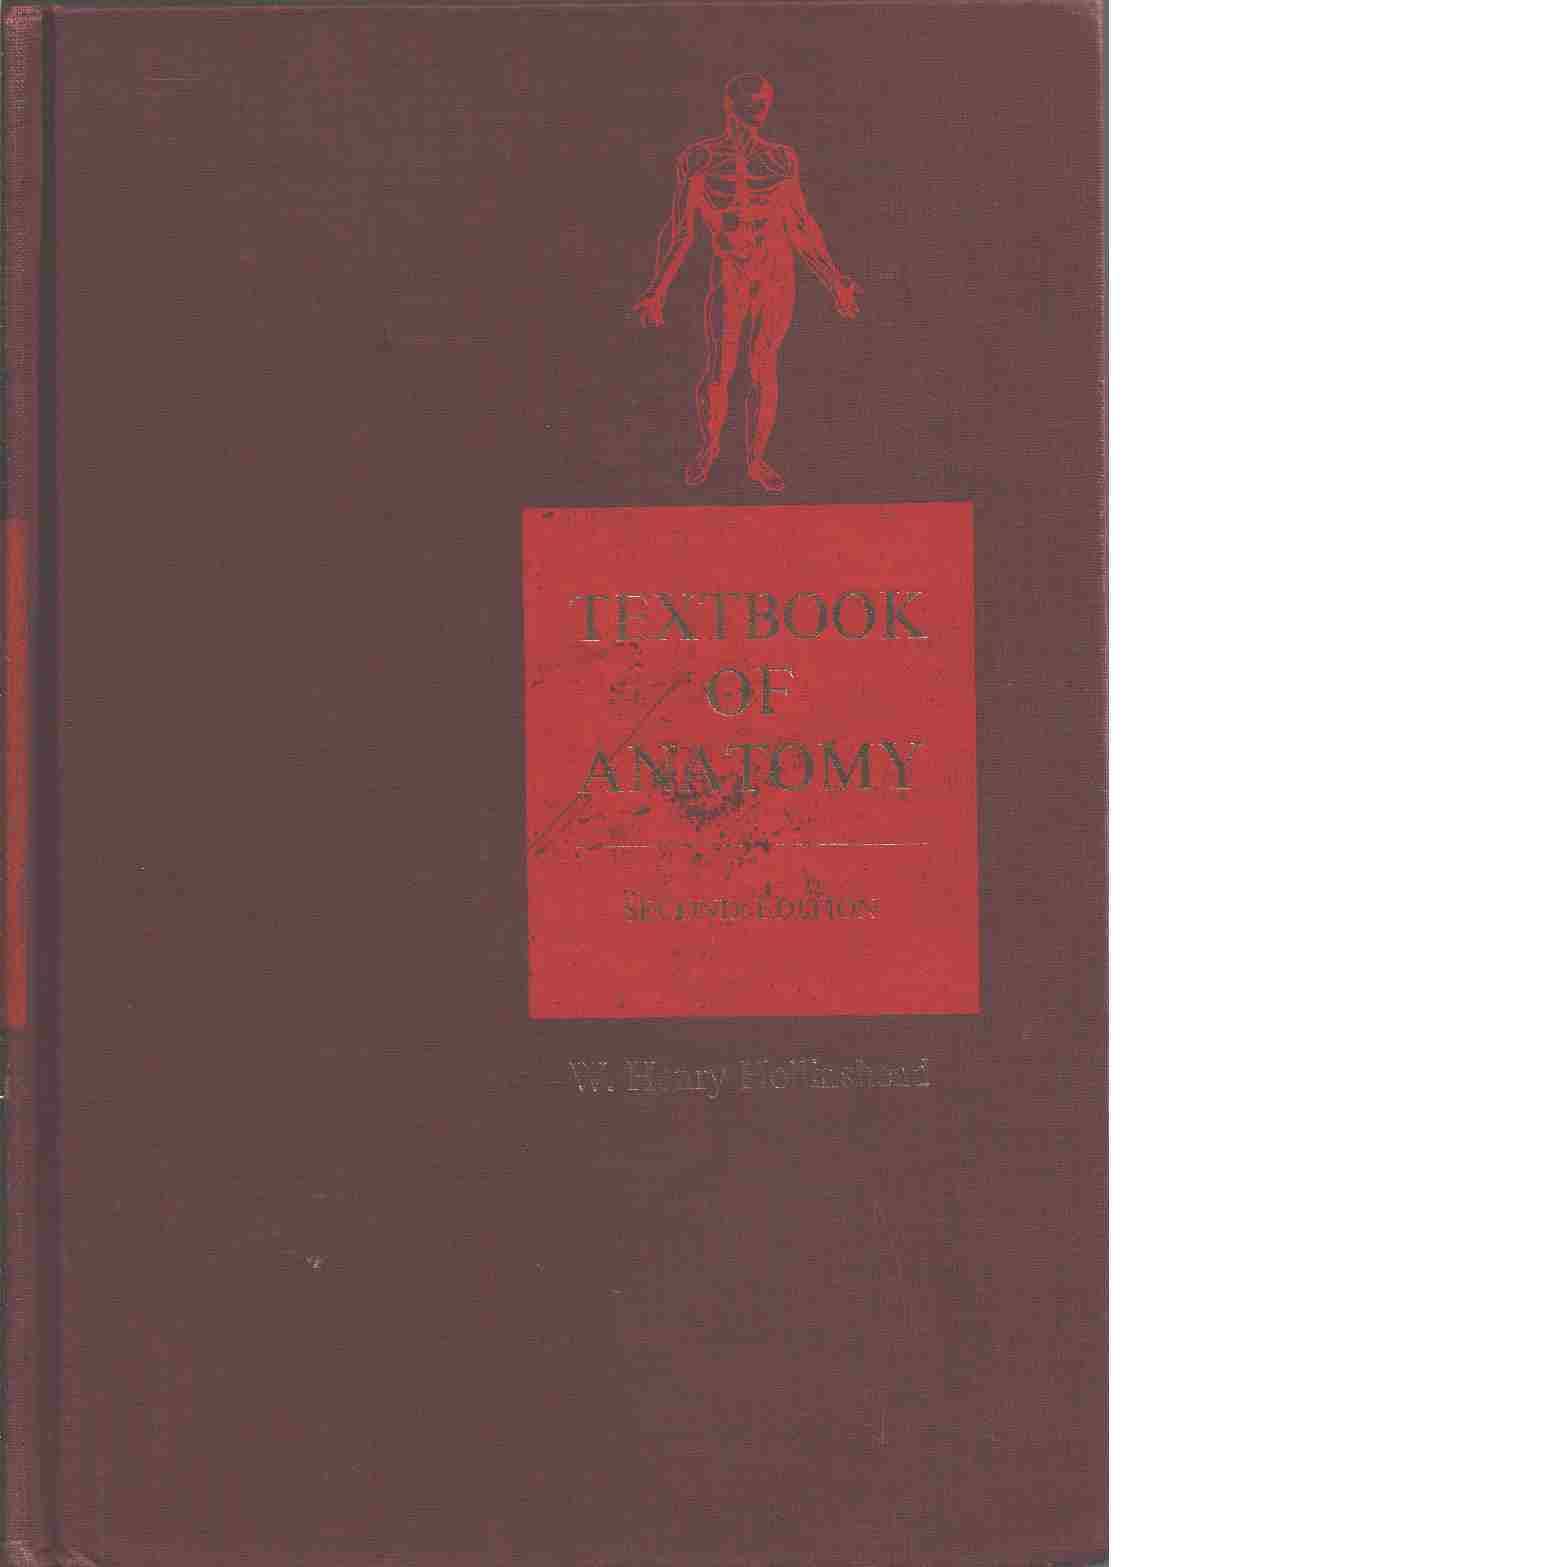 Textbook of anatomy. - Hollinshead, W.H.